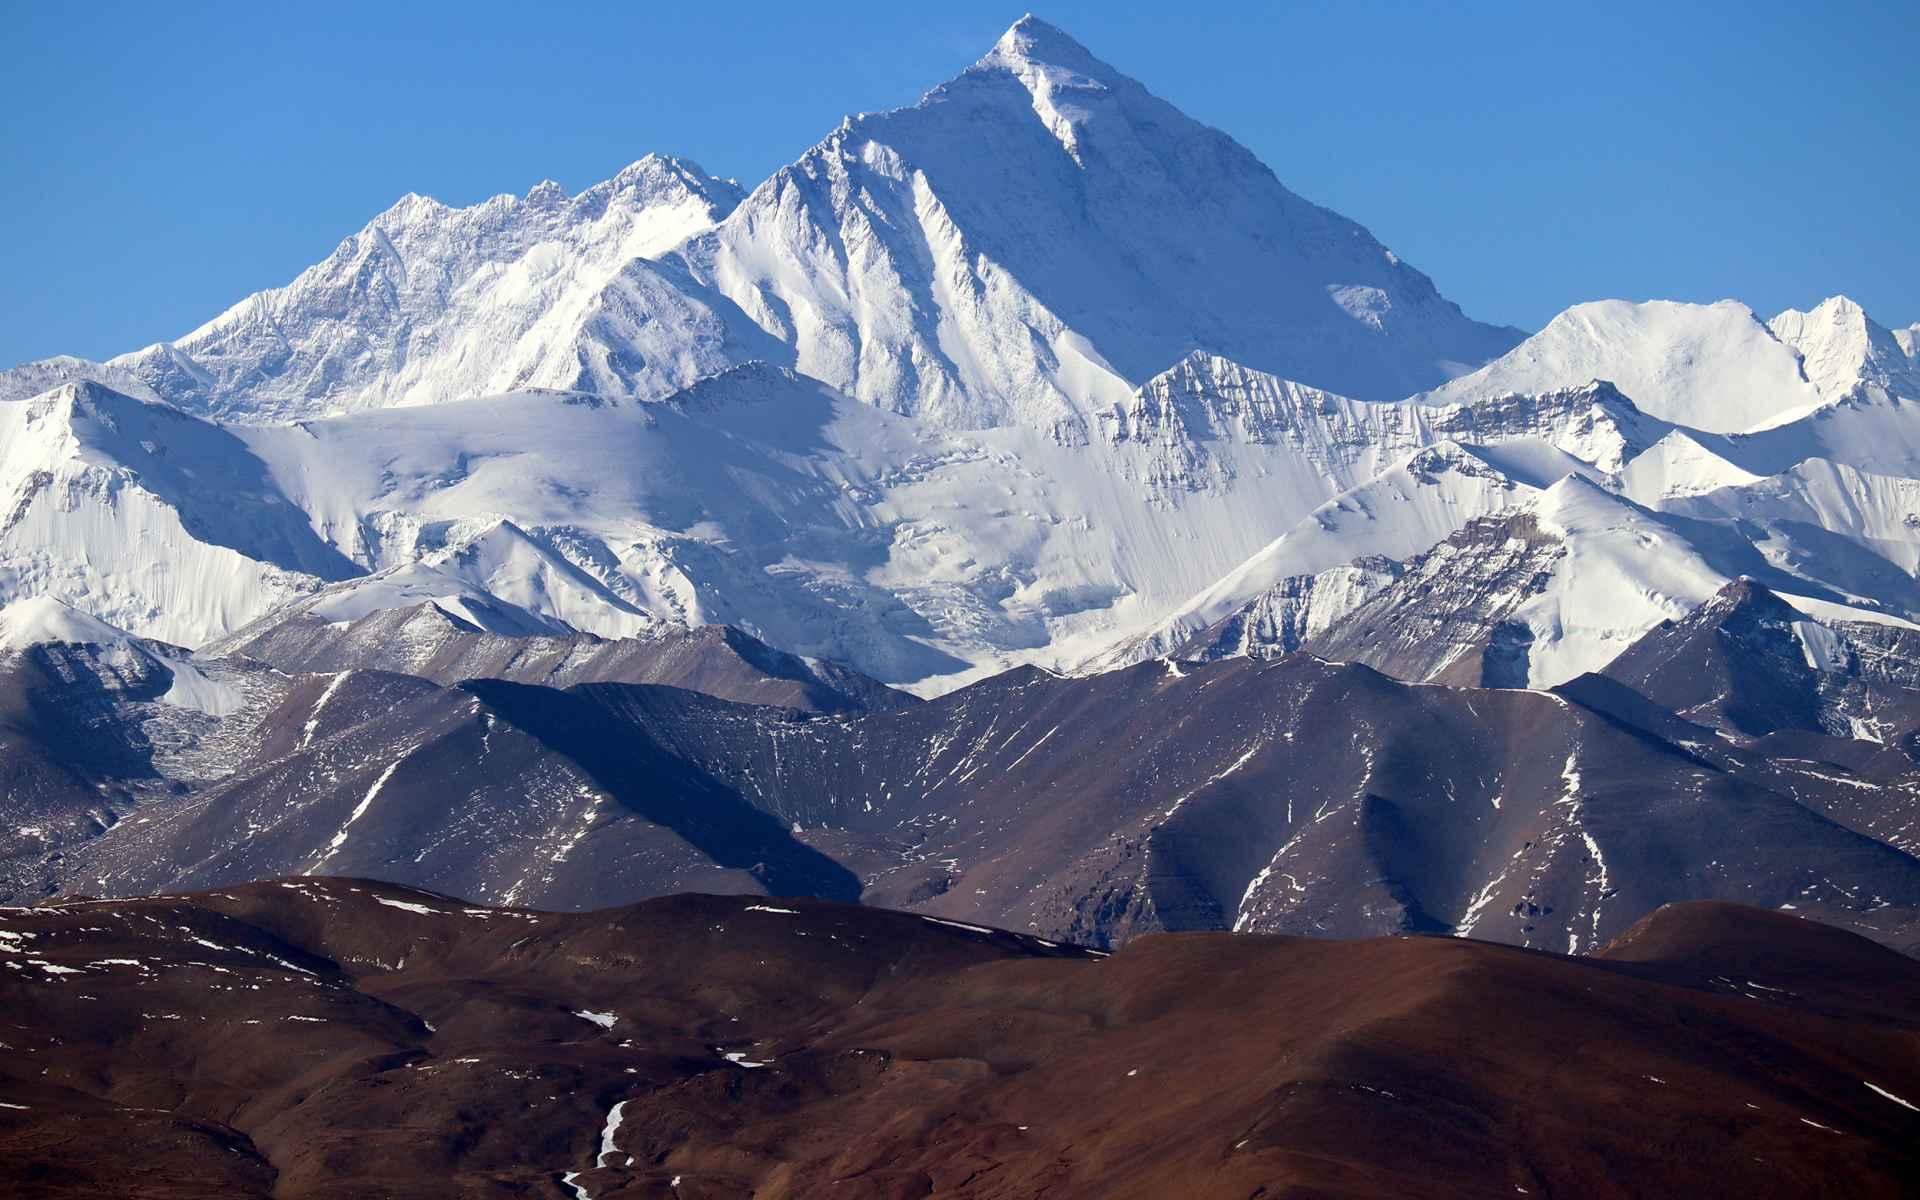 De fascinatie voor de hoogste berg ter wereld verdwijnt niet.